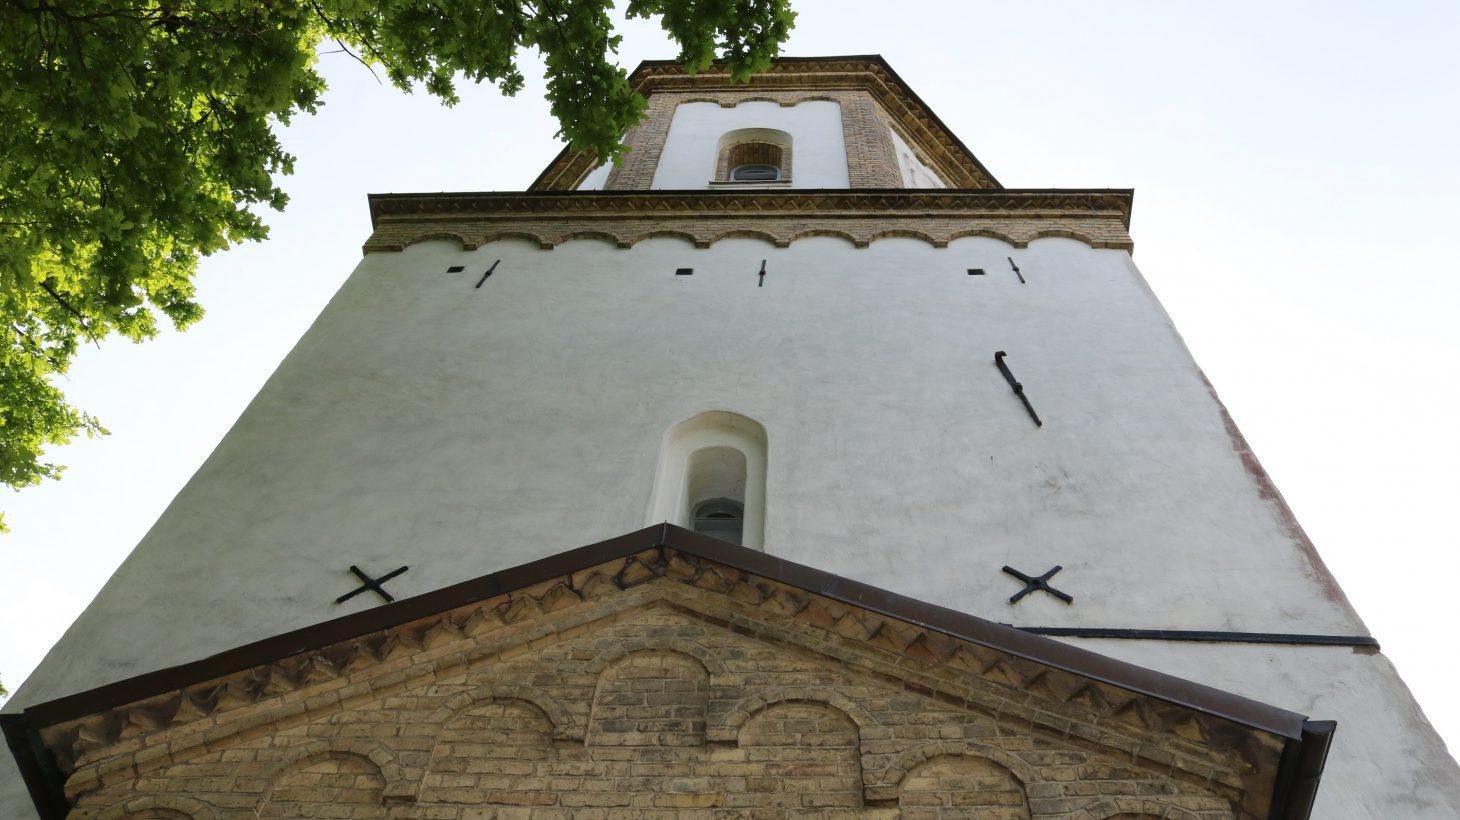 Västra Skrävlinge kyrkas torn.